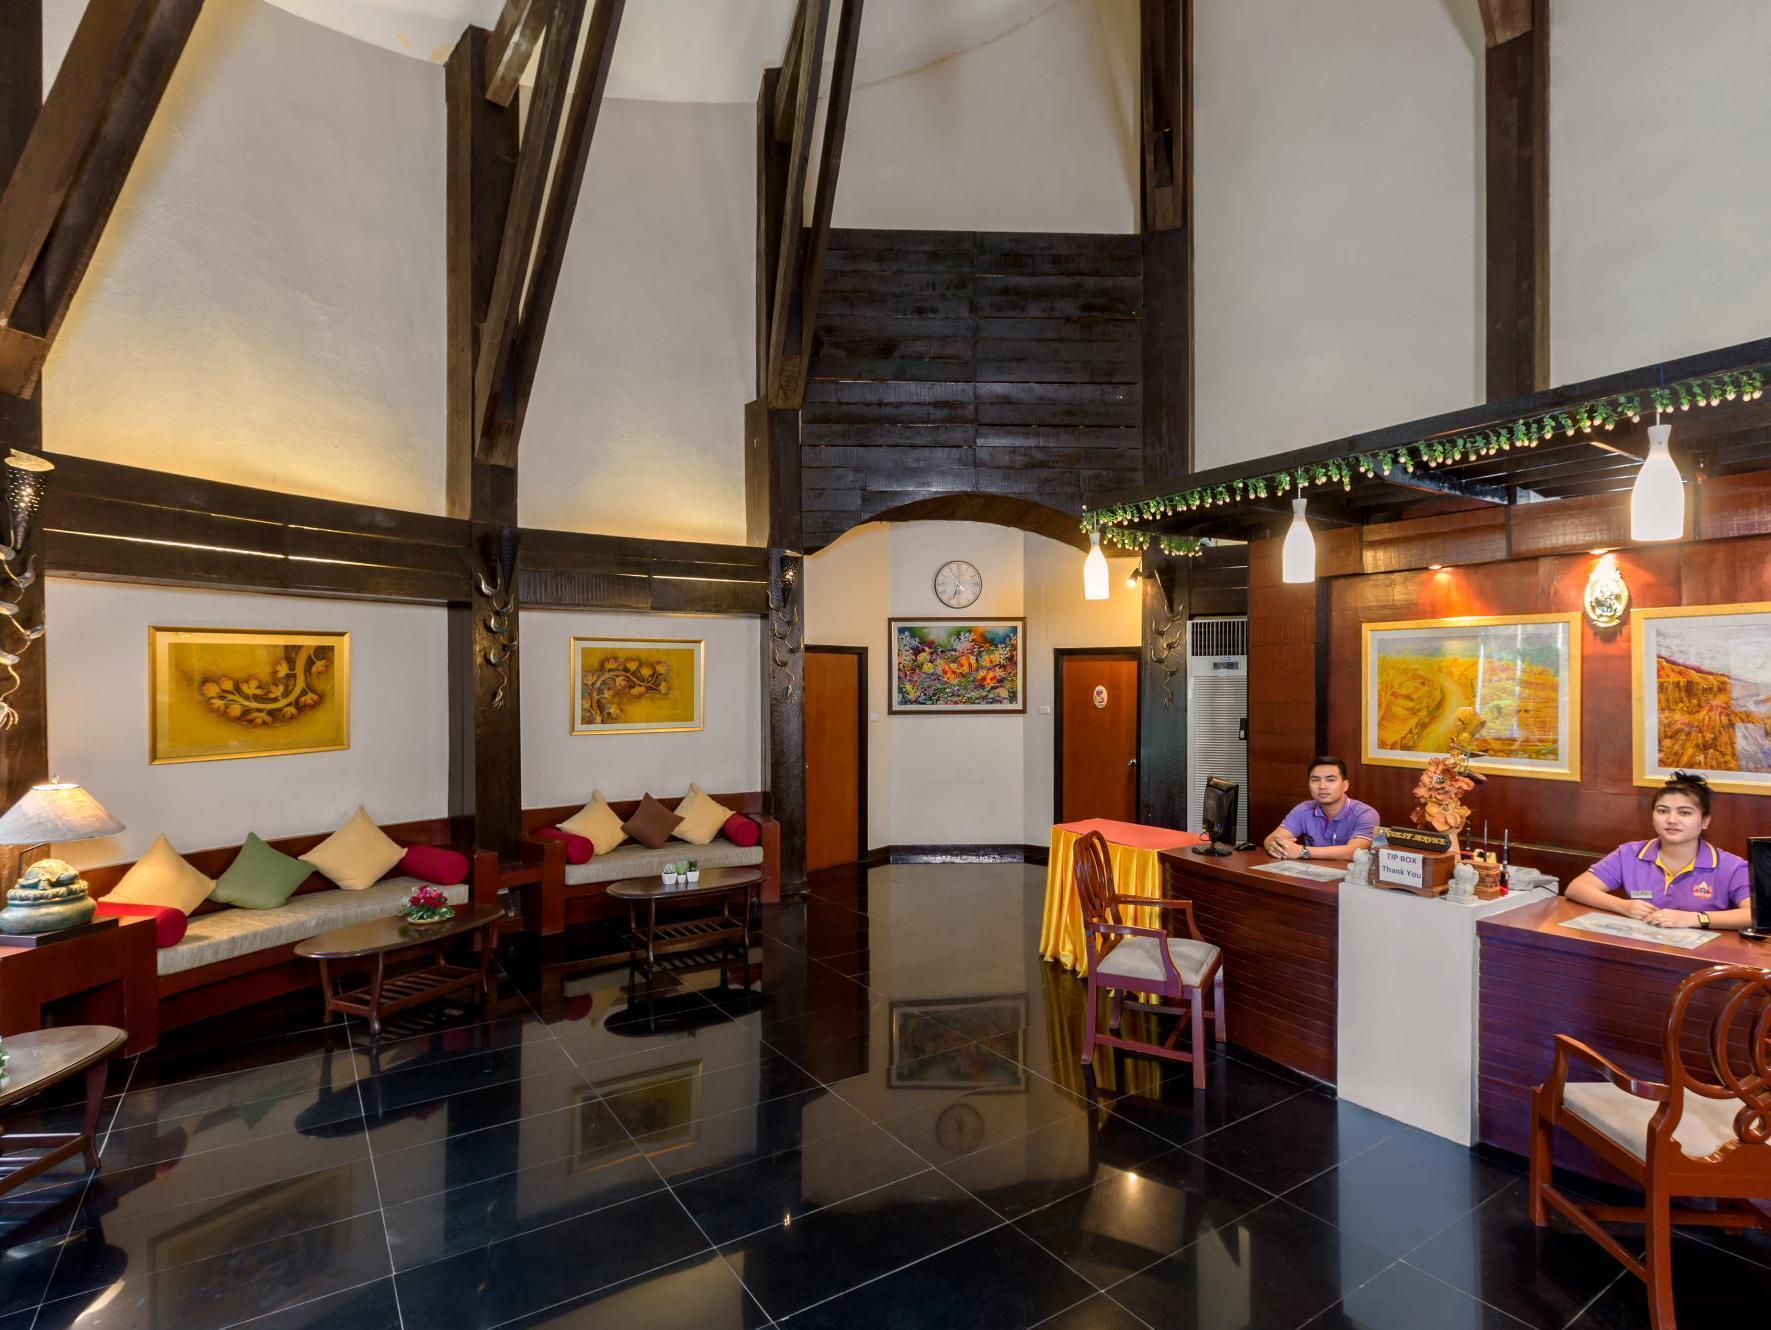 โรงแรมทิมเบอร์เฮ้าส์